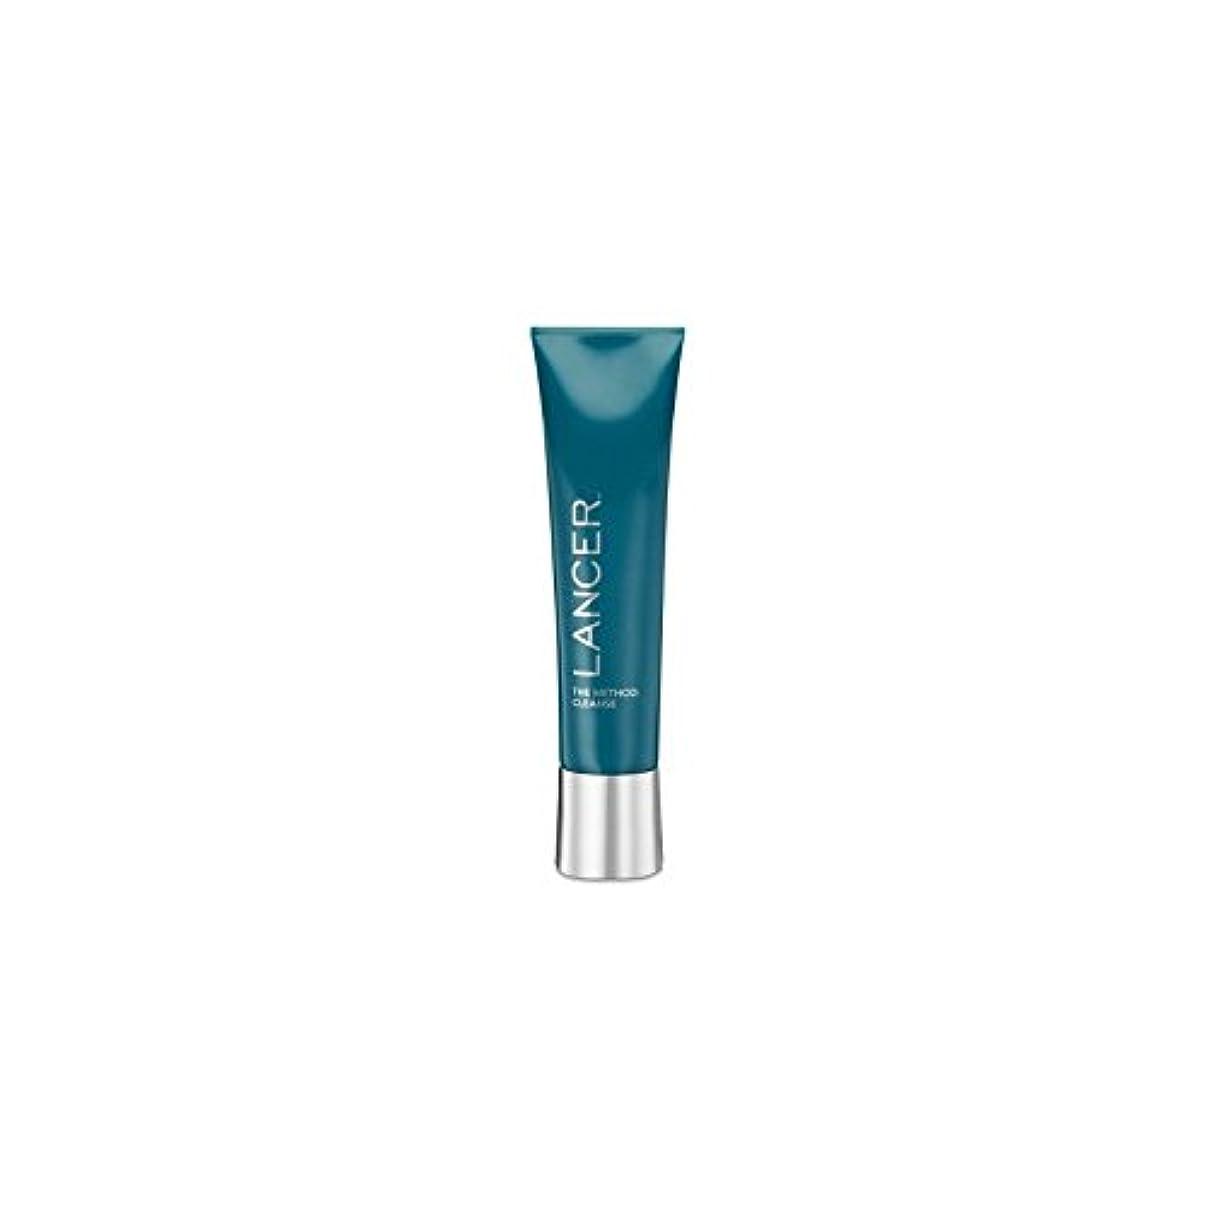 適用済みテーブルショップクレンザー(120ミリリットル):ランサーは、メソッドをスキンケア x2 - Lancer Skincare The Method: Cleanser (120ml) (Pack of 2) [並行輸入品]